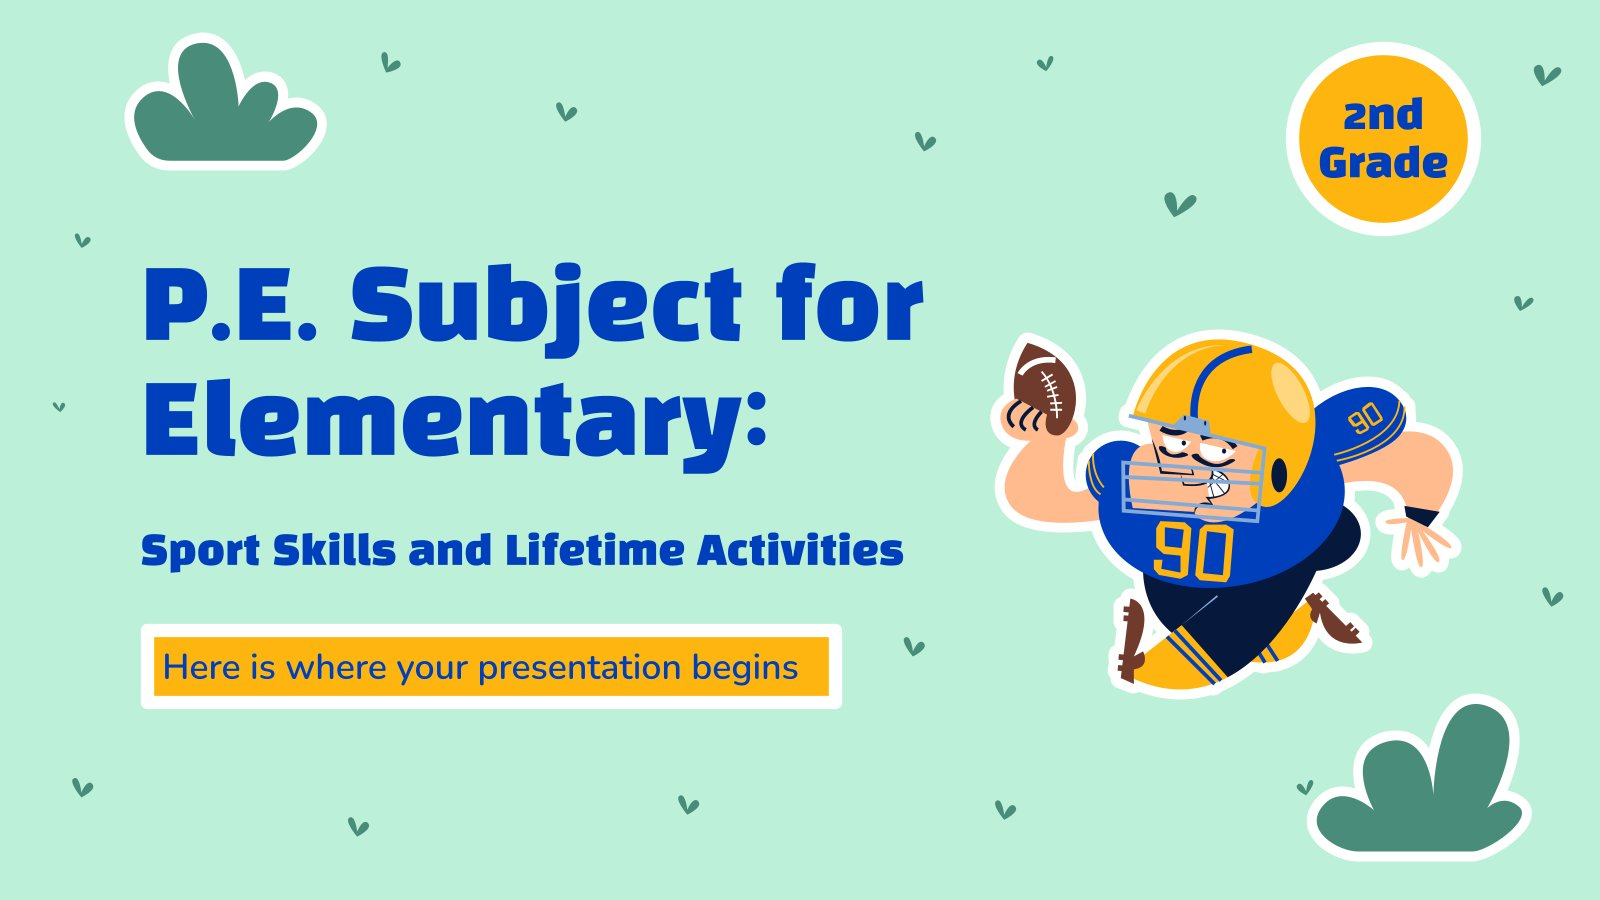 Modelo de apresentação Educação física para o ensino básico: Habilidades esportivas e atividades vitalícias